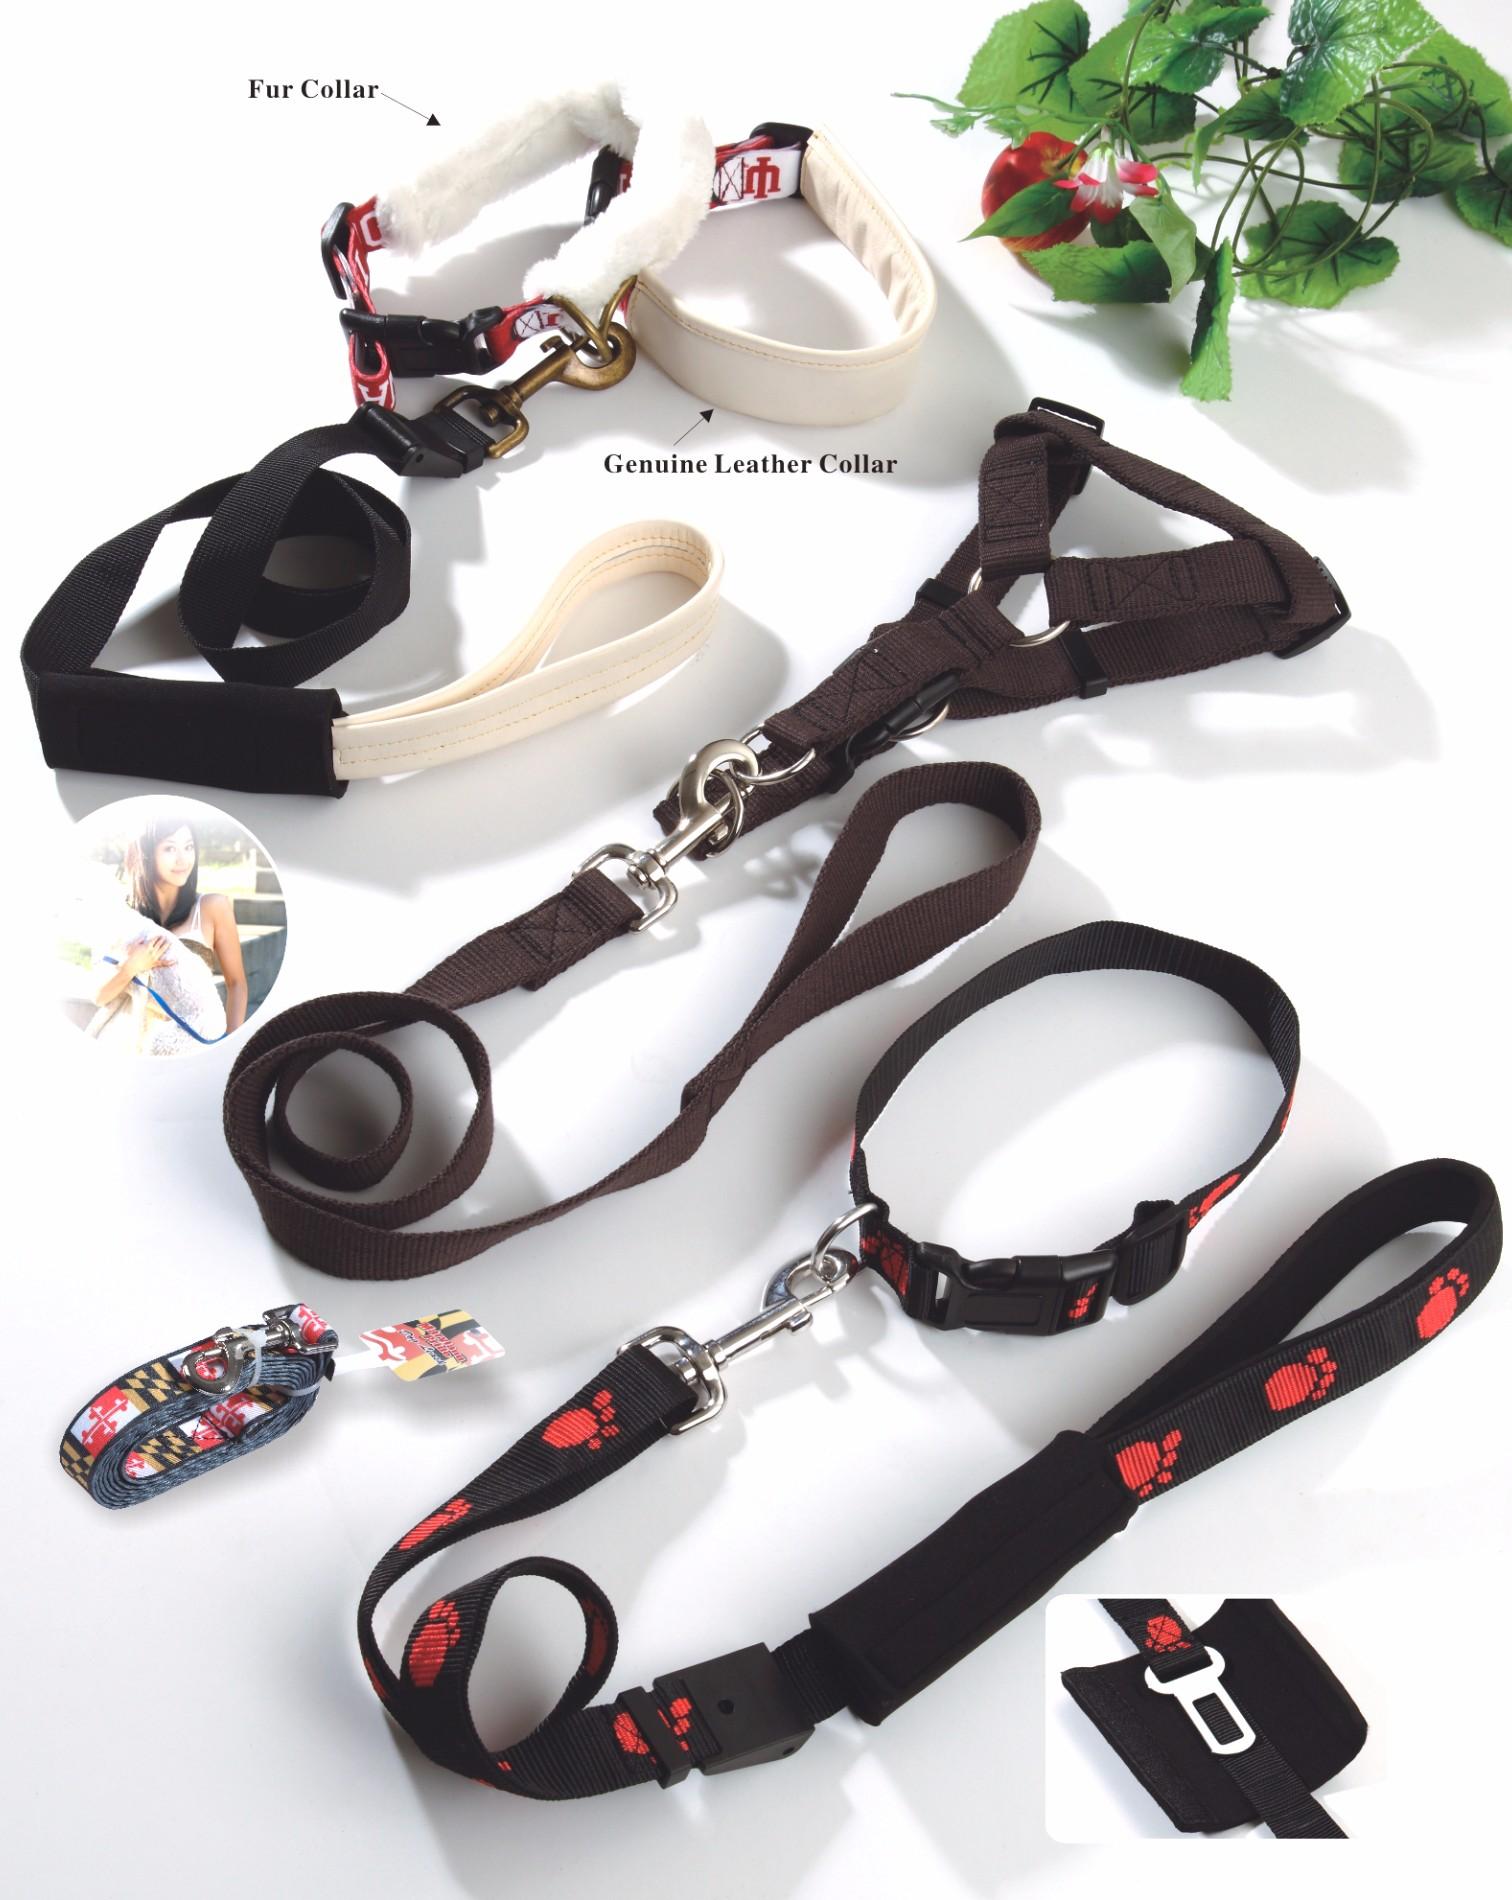 New fashion customized wholesale dog leashes Manufacturers, New fashion customized wholesale dog leashes Factory, Supply New fashion customized wholesale dog leashes